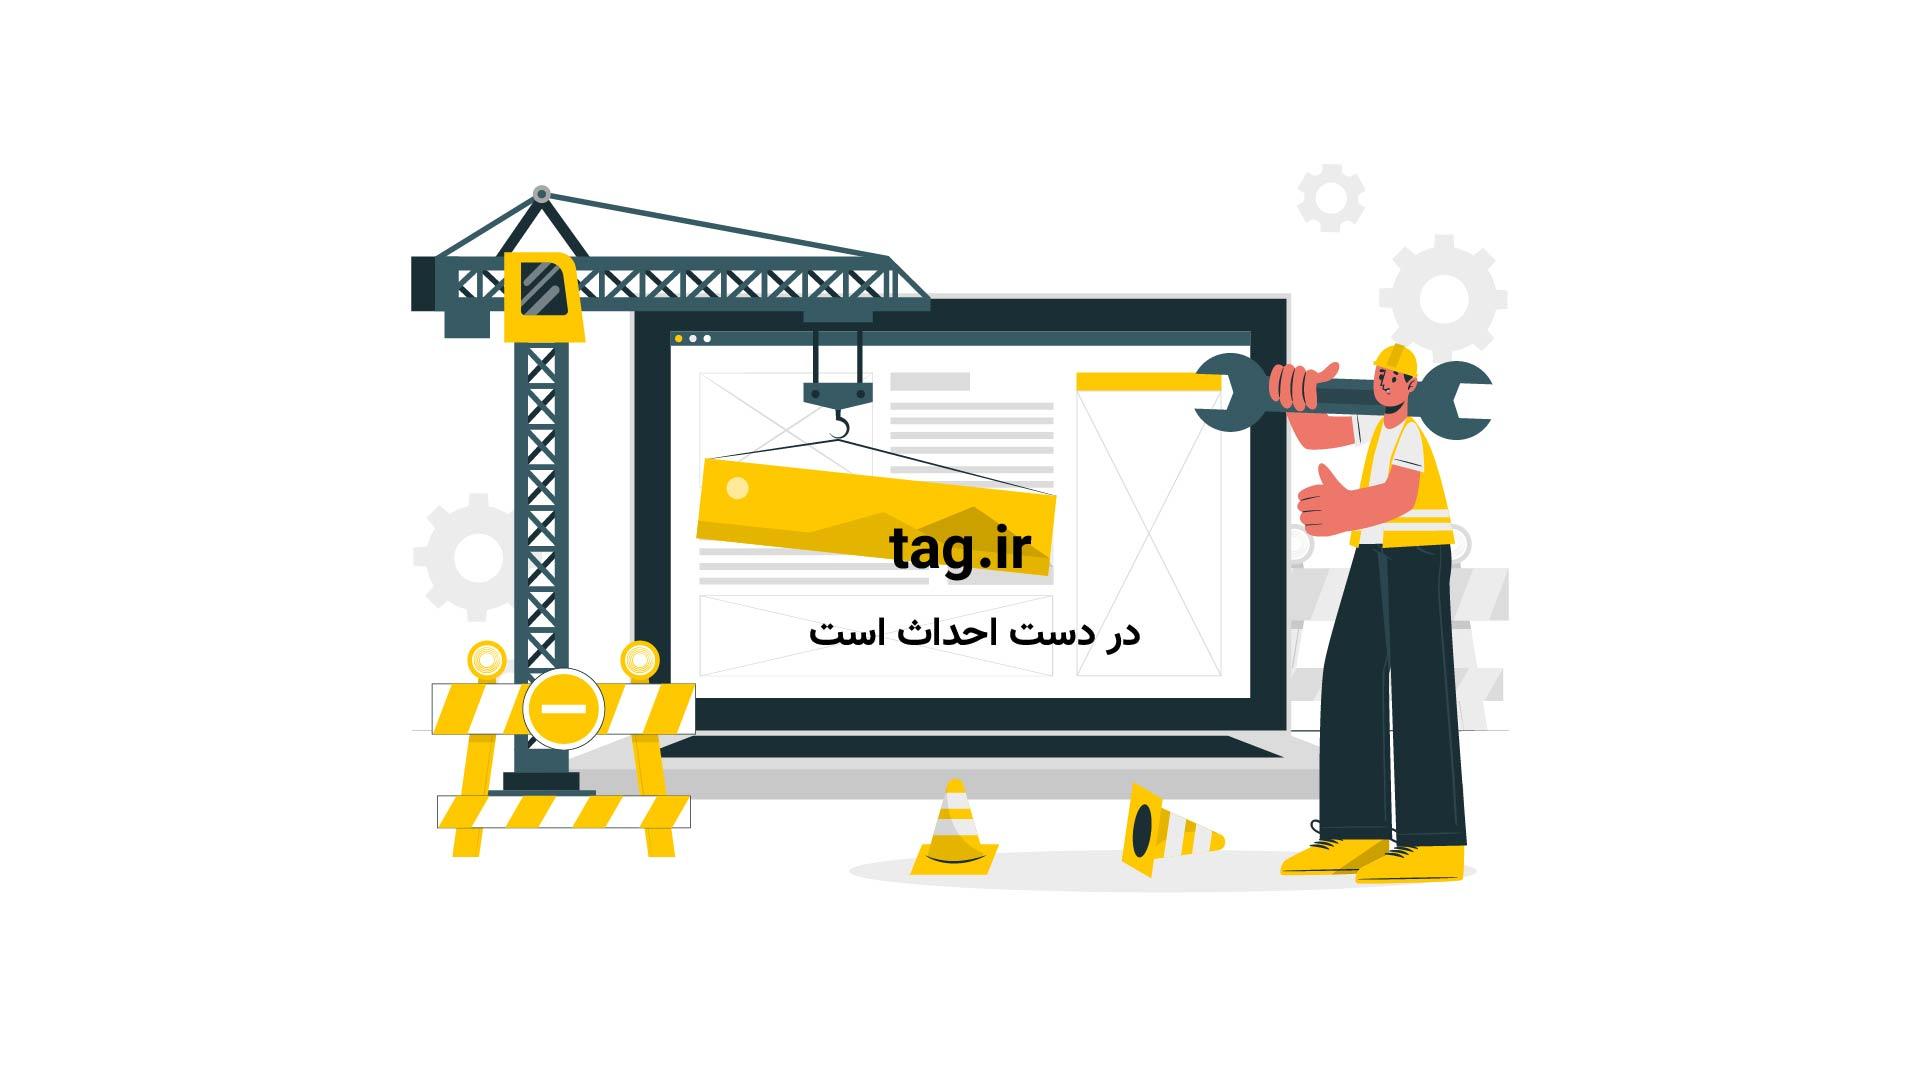 بازی پاندای چینی با چوب | فیلم